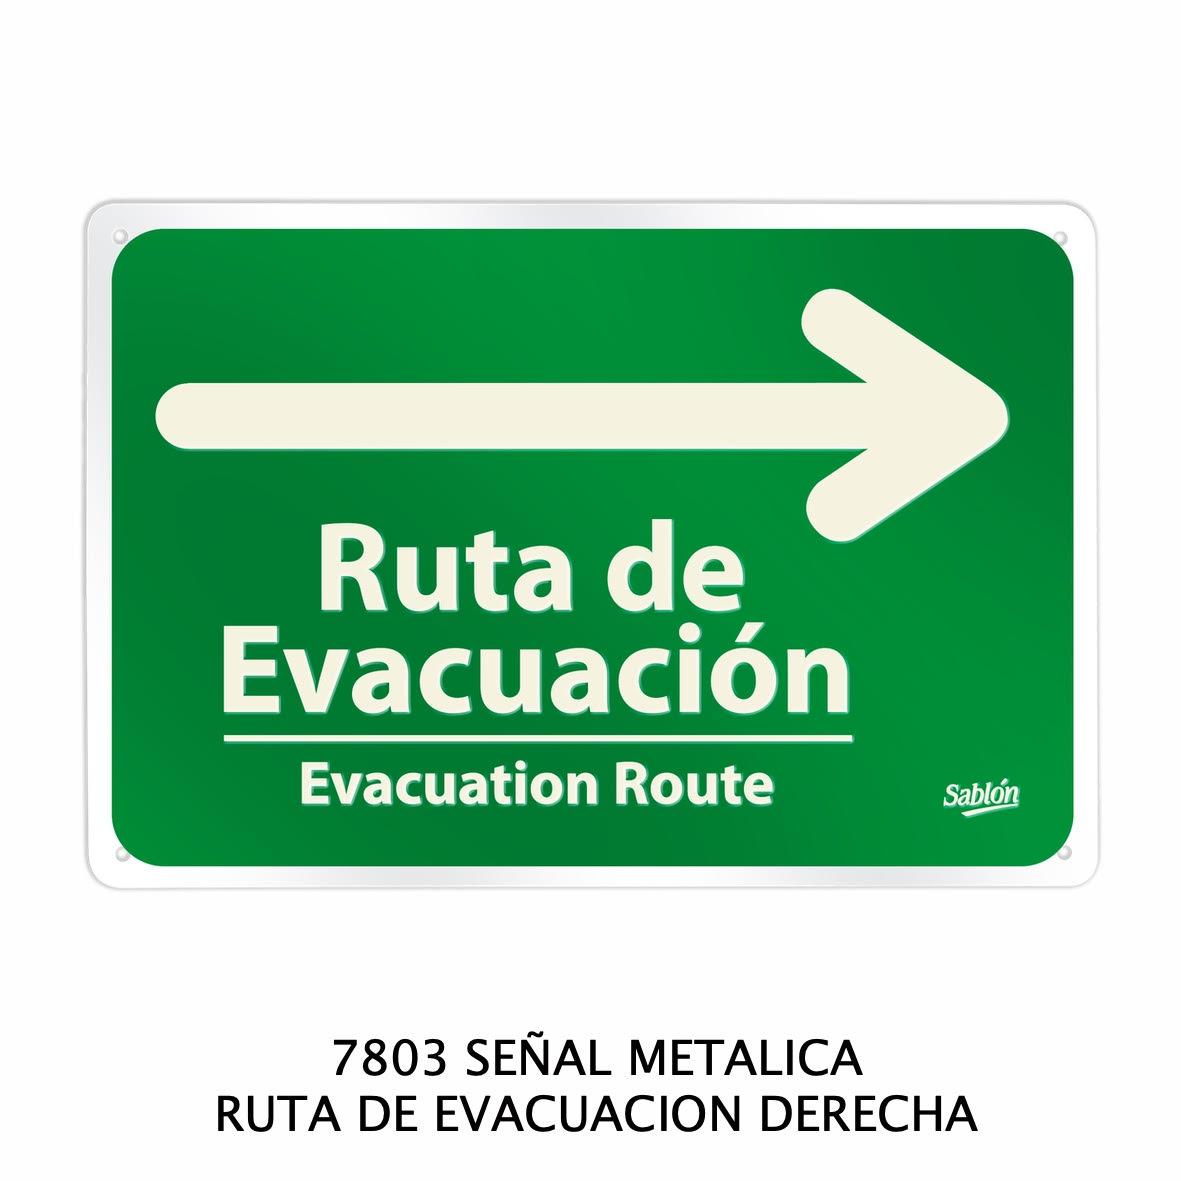 Señal metálica de ruta de evacuación derecha modelo 7803 de Sablón